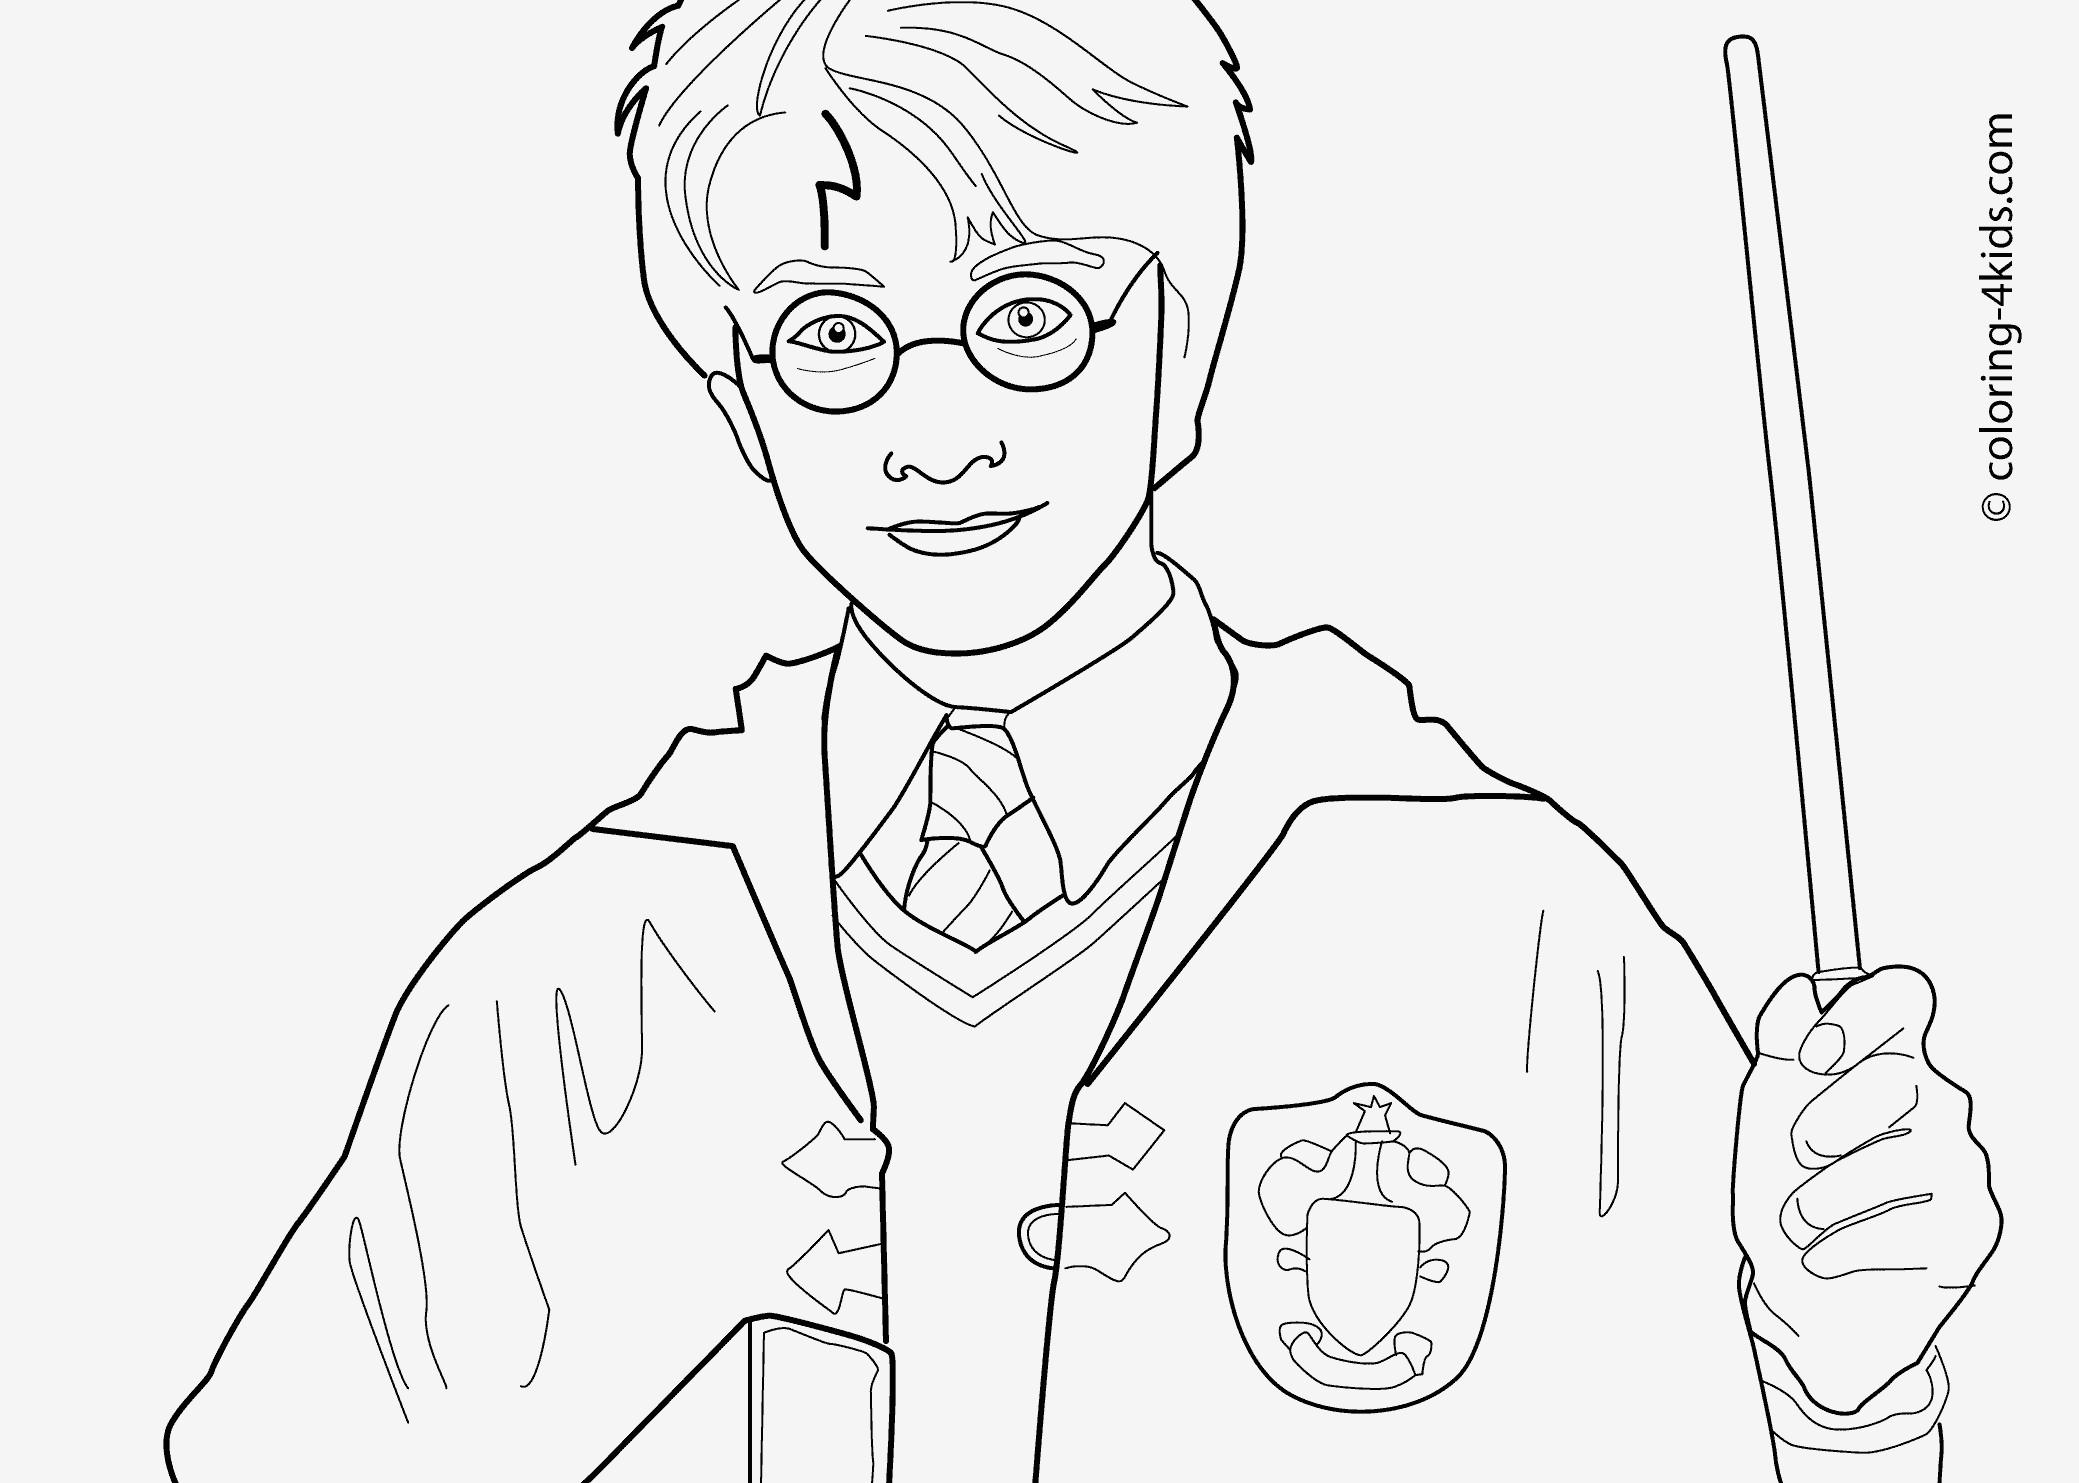 Ausmalbilder Harry Potter Das Beste Von Verschiedene Bilder Färben Harry Potter Malvorlagen Bild